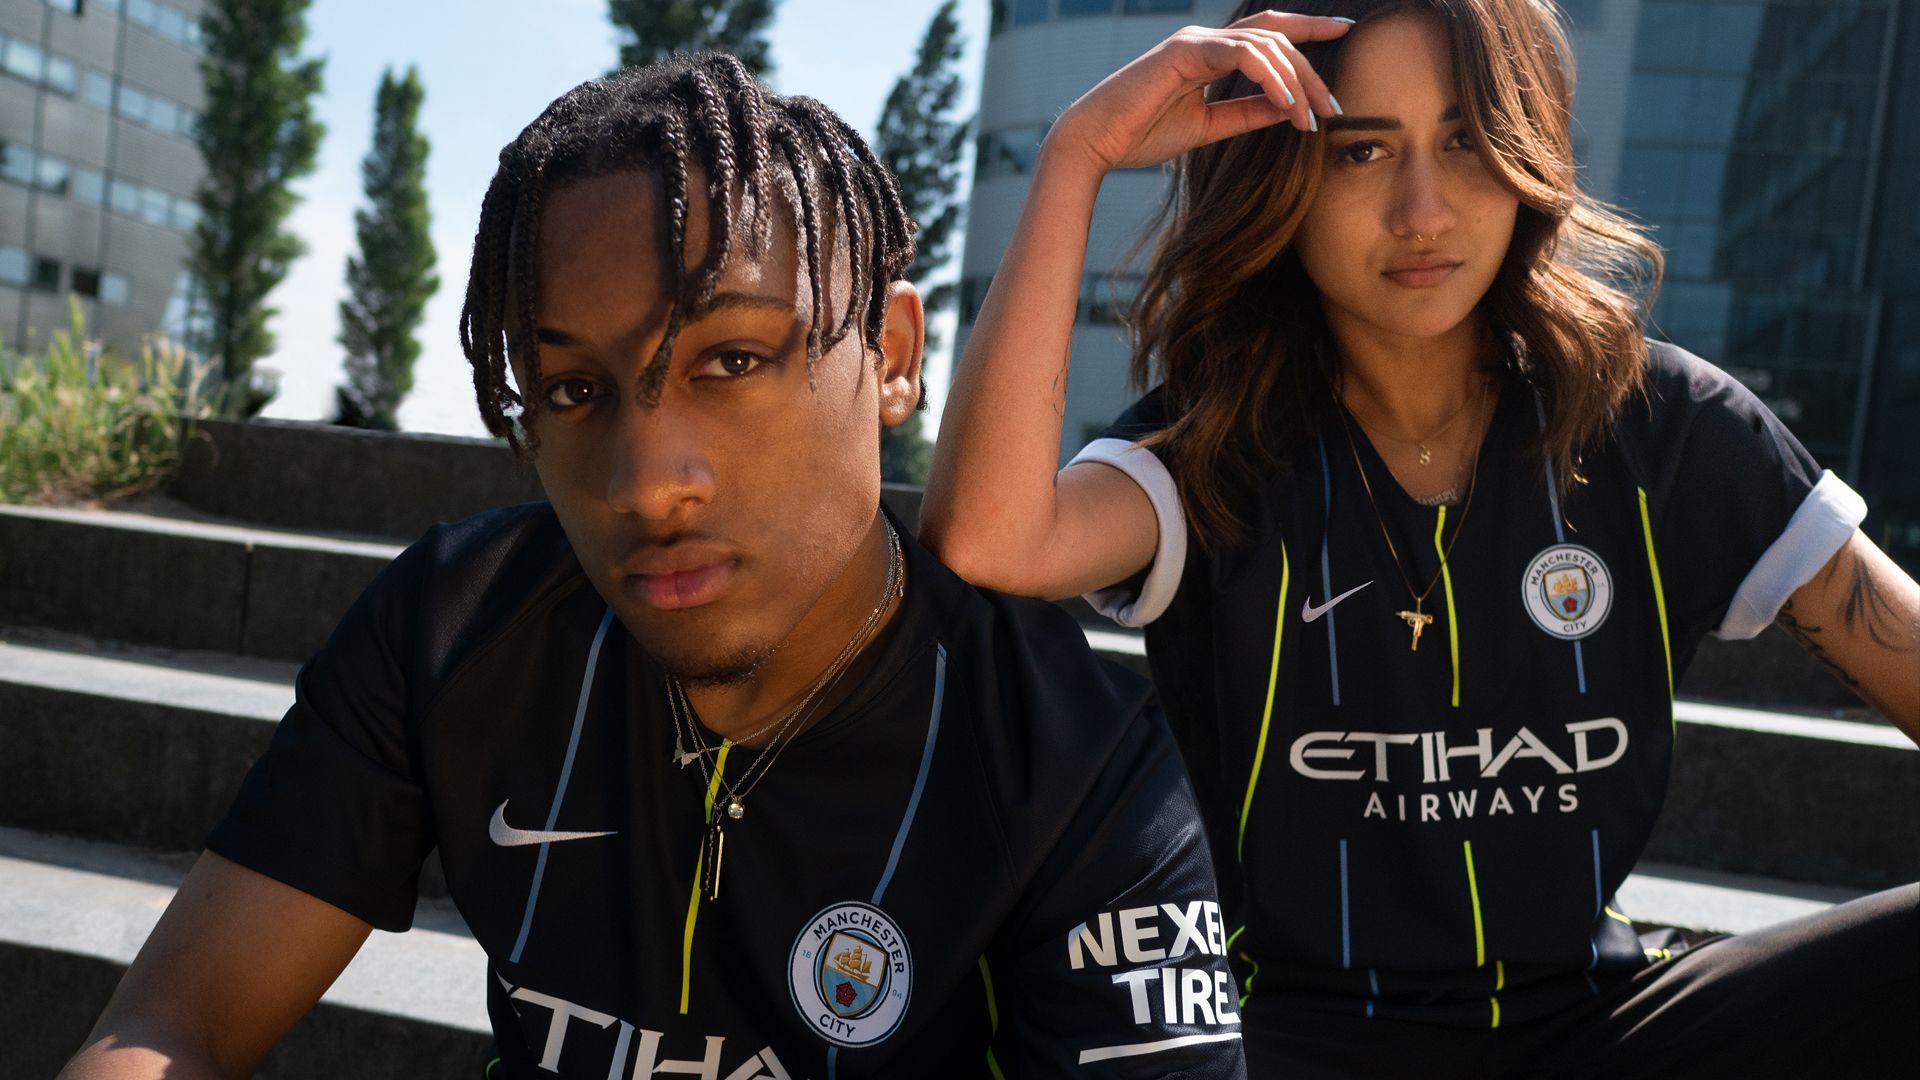 info for fc74c cbfe2 Manchester City 2018/19 Stadium Away Shirt. Nike.com GB